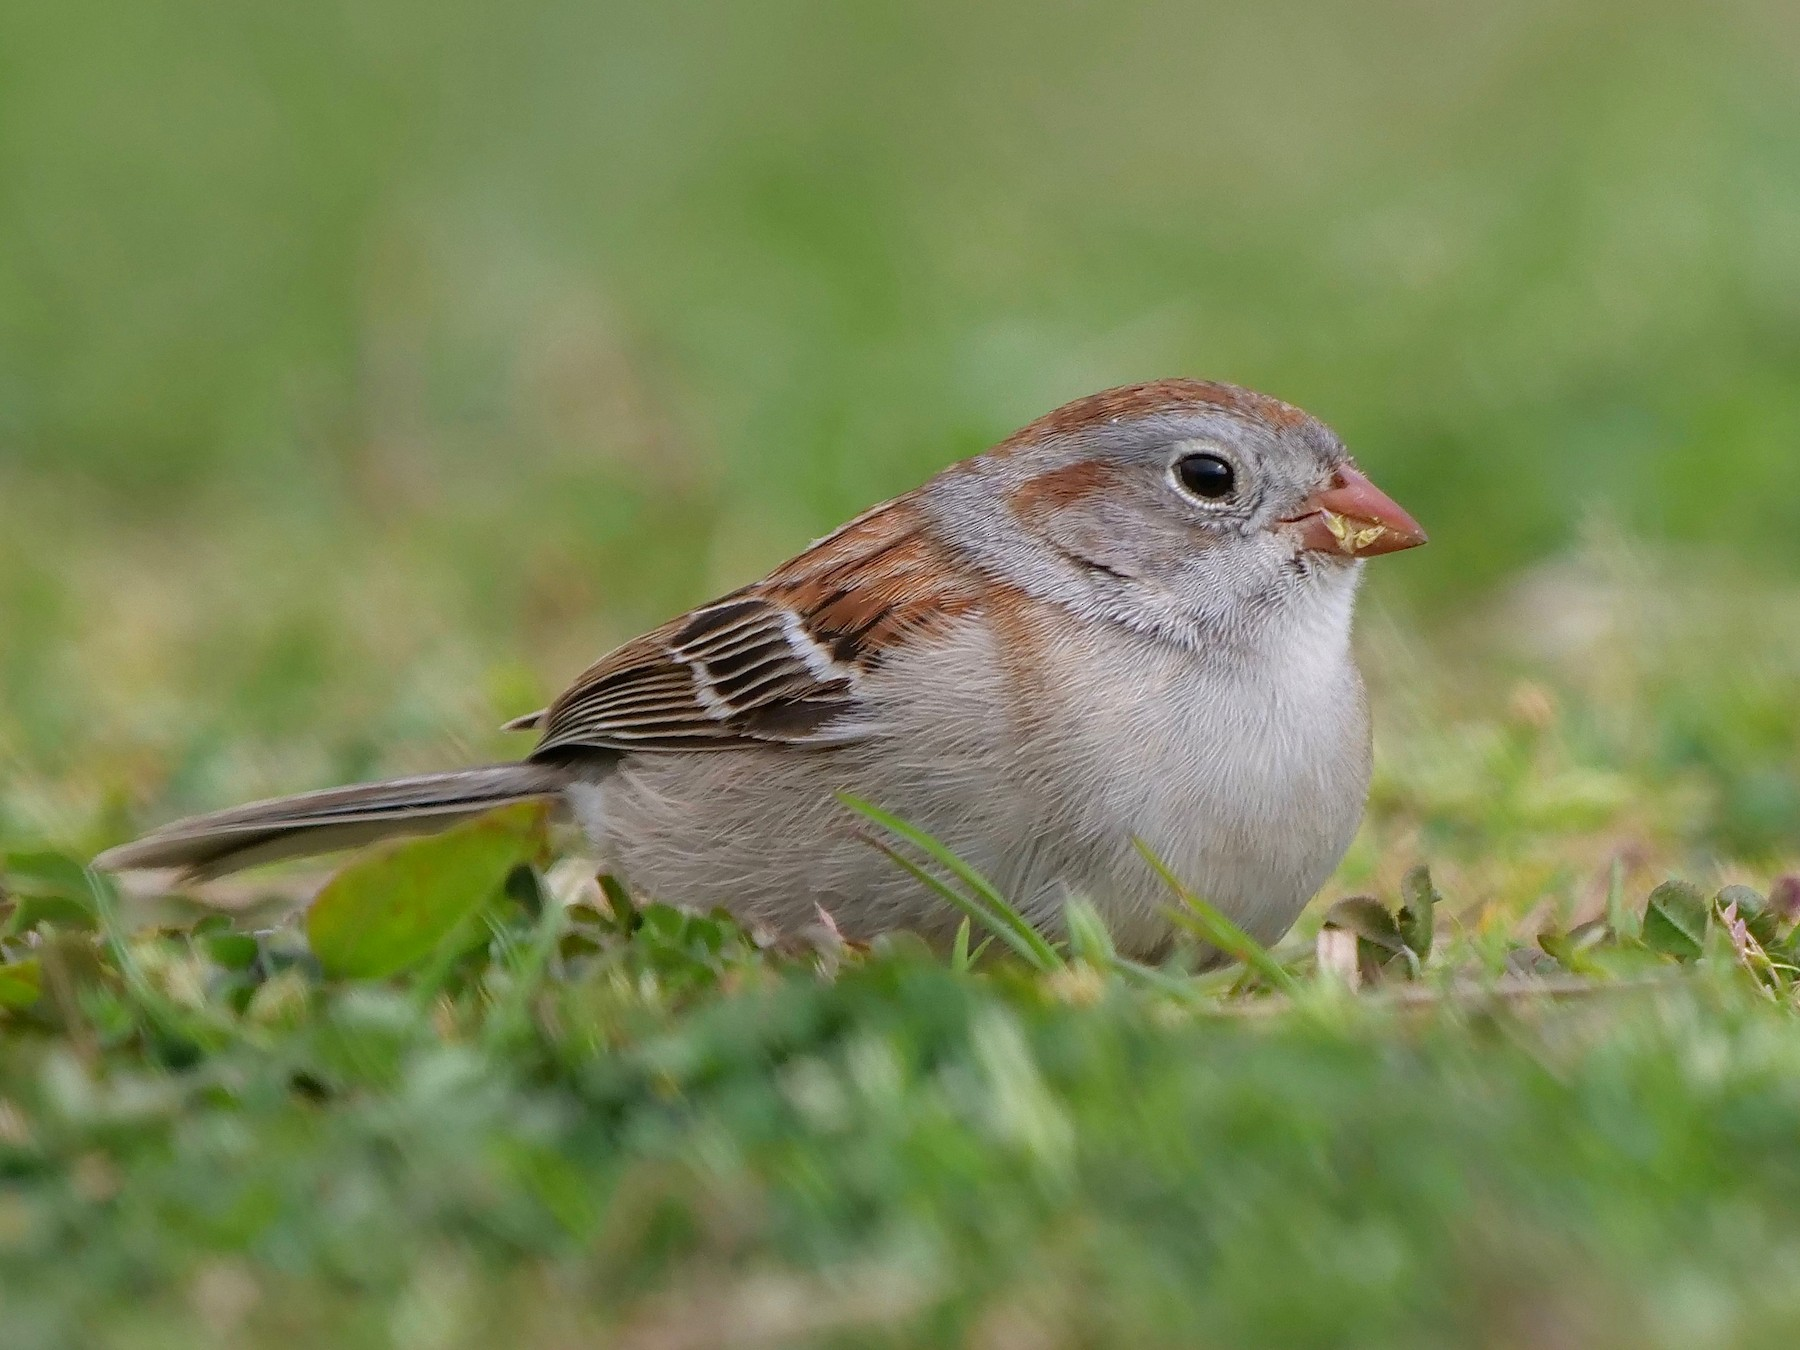 Field Sparrow - Gautam Apte